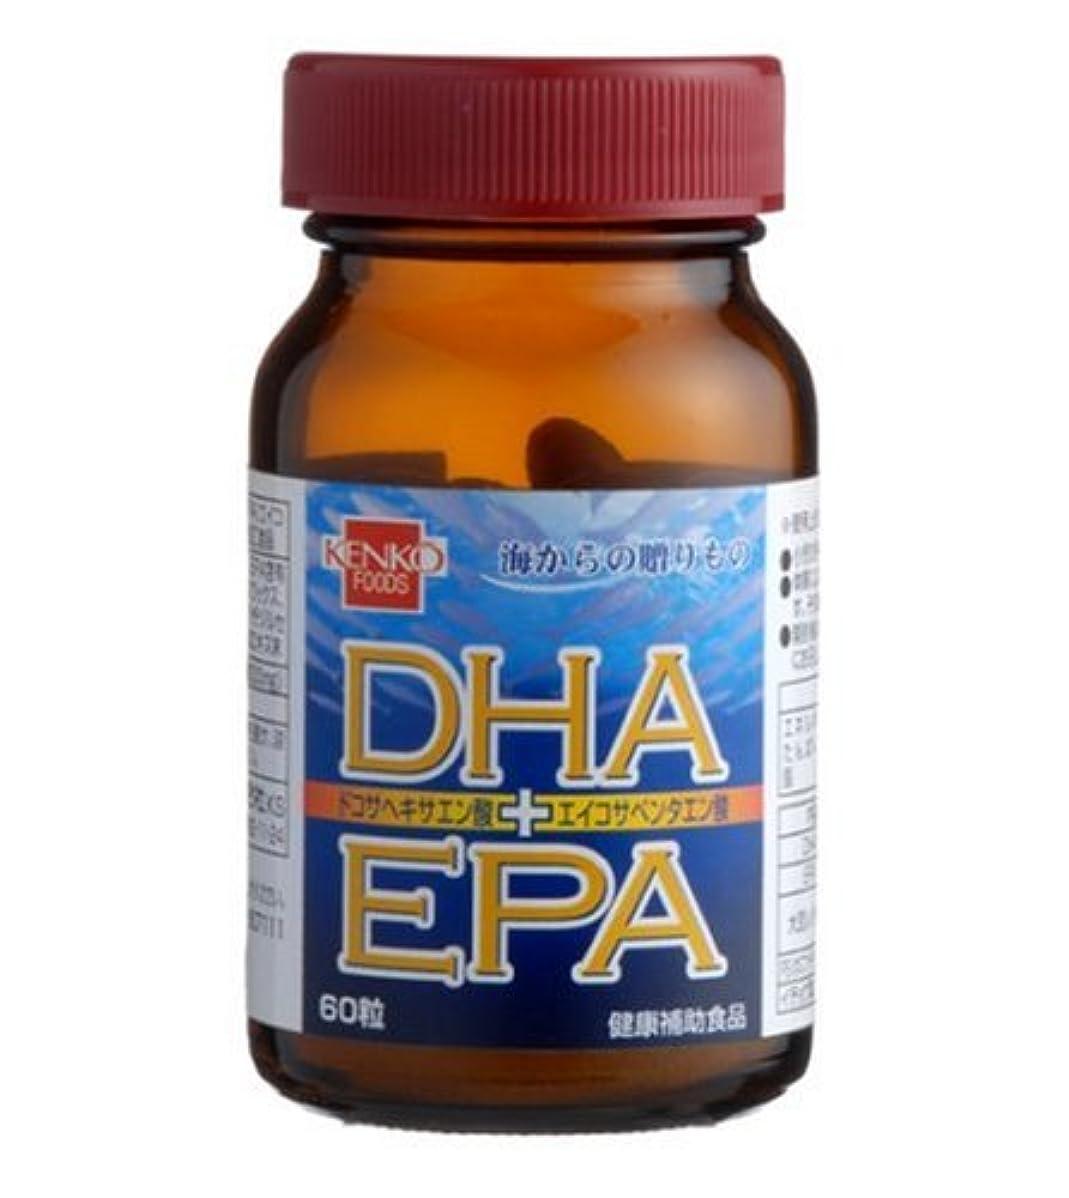 商品連結する郵便局健康フーズ DHA+EPA 60粒